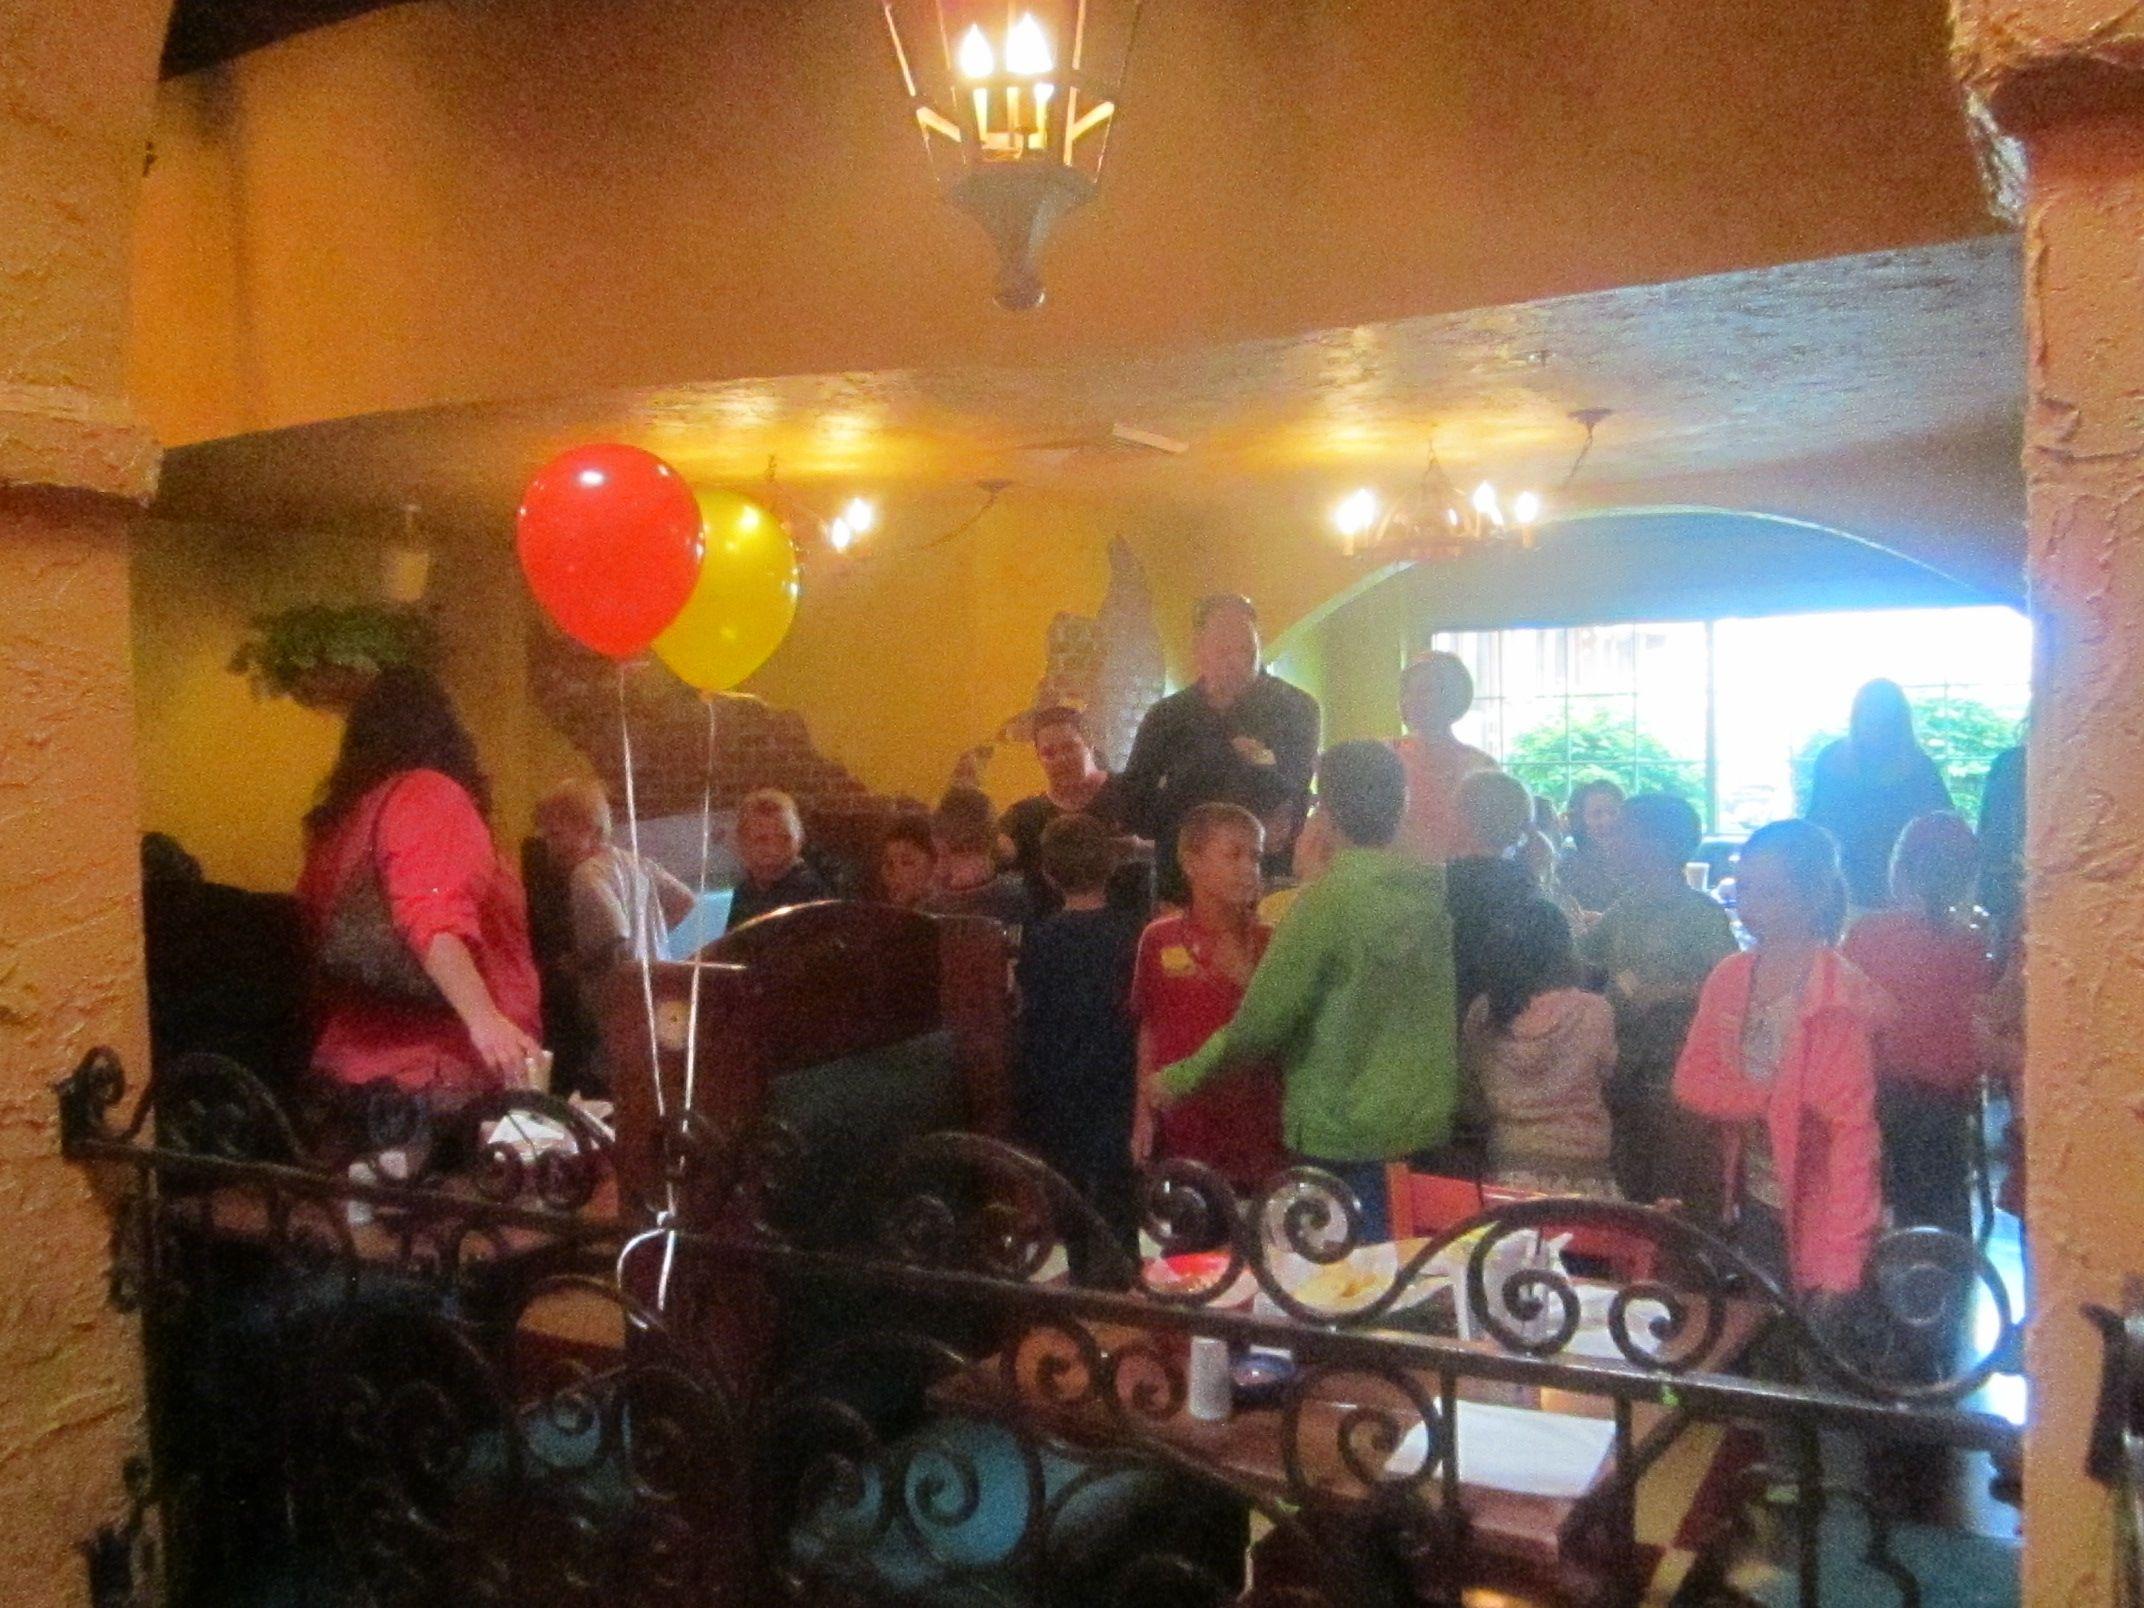 #HaciendaGreenRiverRoad#CincoStyle #CincoFun